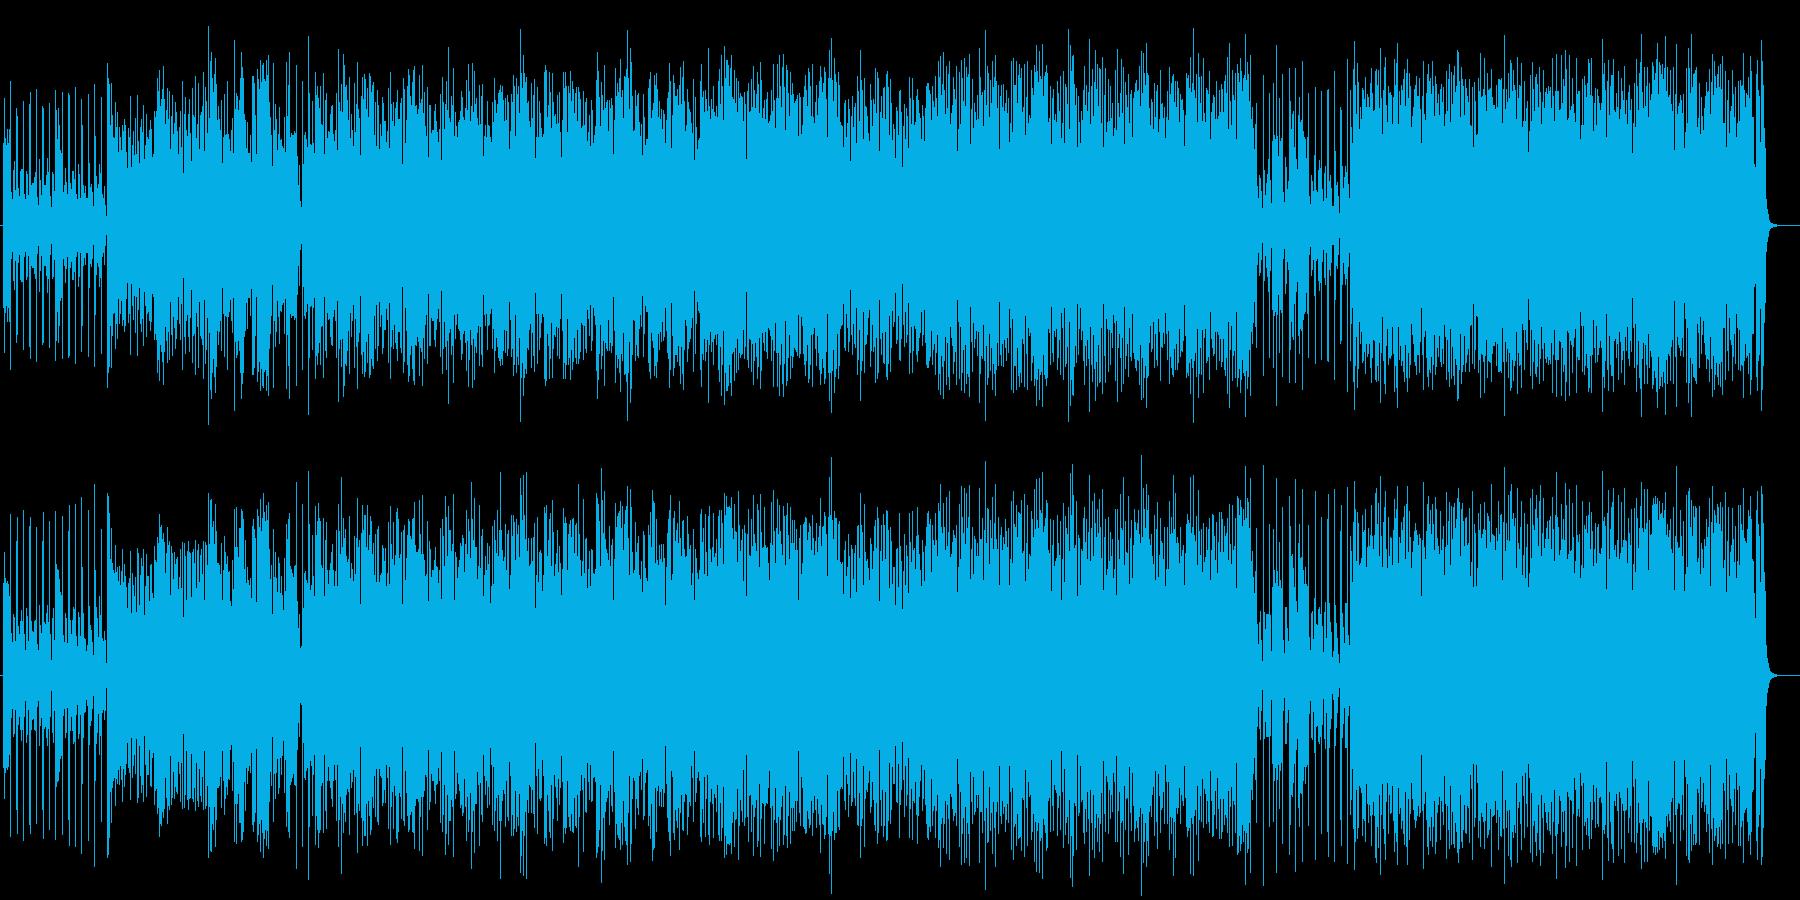 変則ビートの小気味好いドラムンベースの曲の再生済みの波形